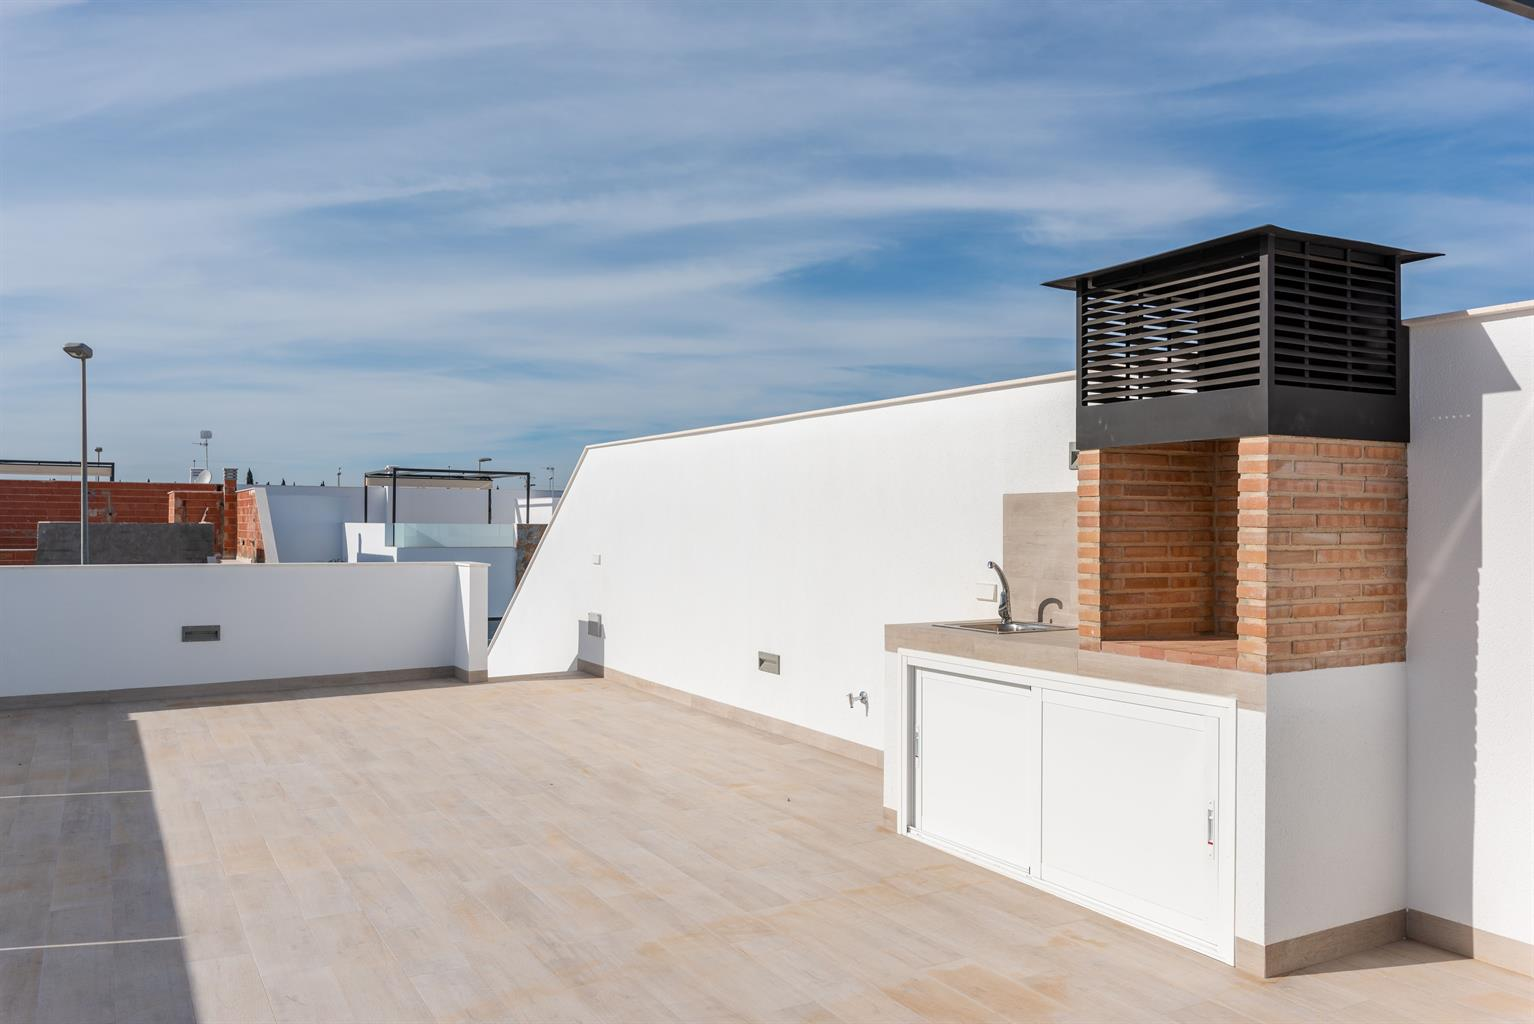 Maison - Pilar De La Horadada - #4227940-5